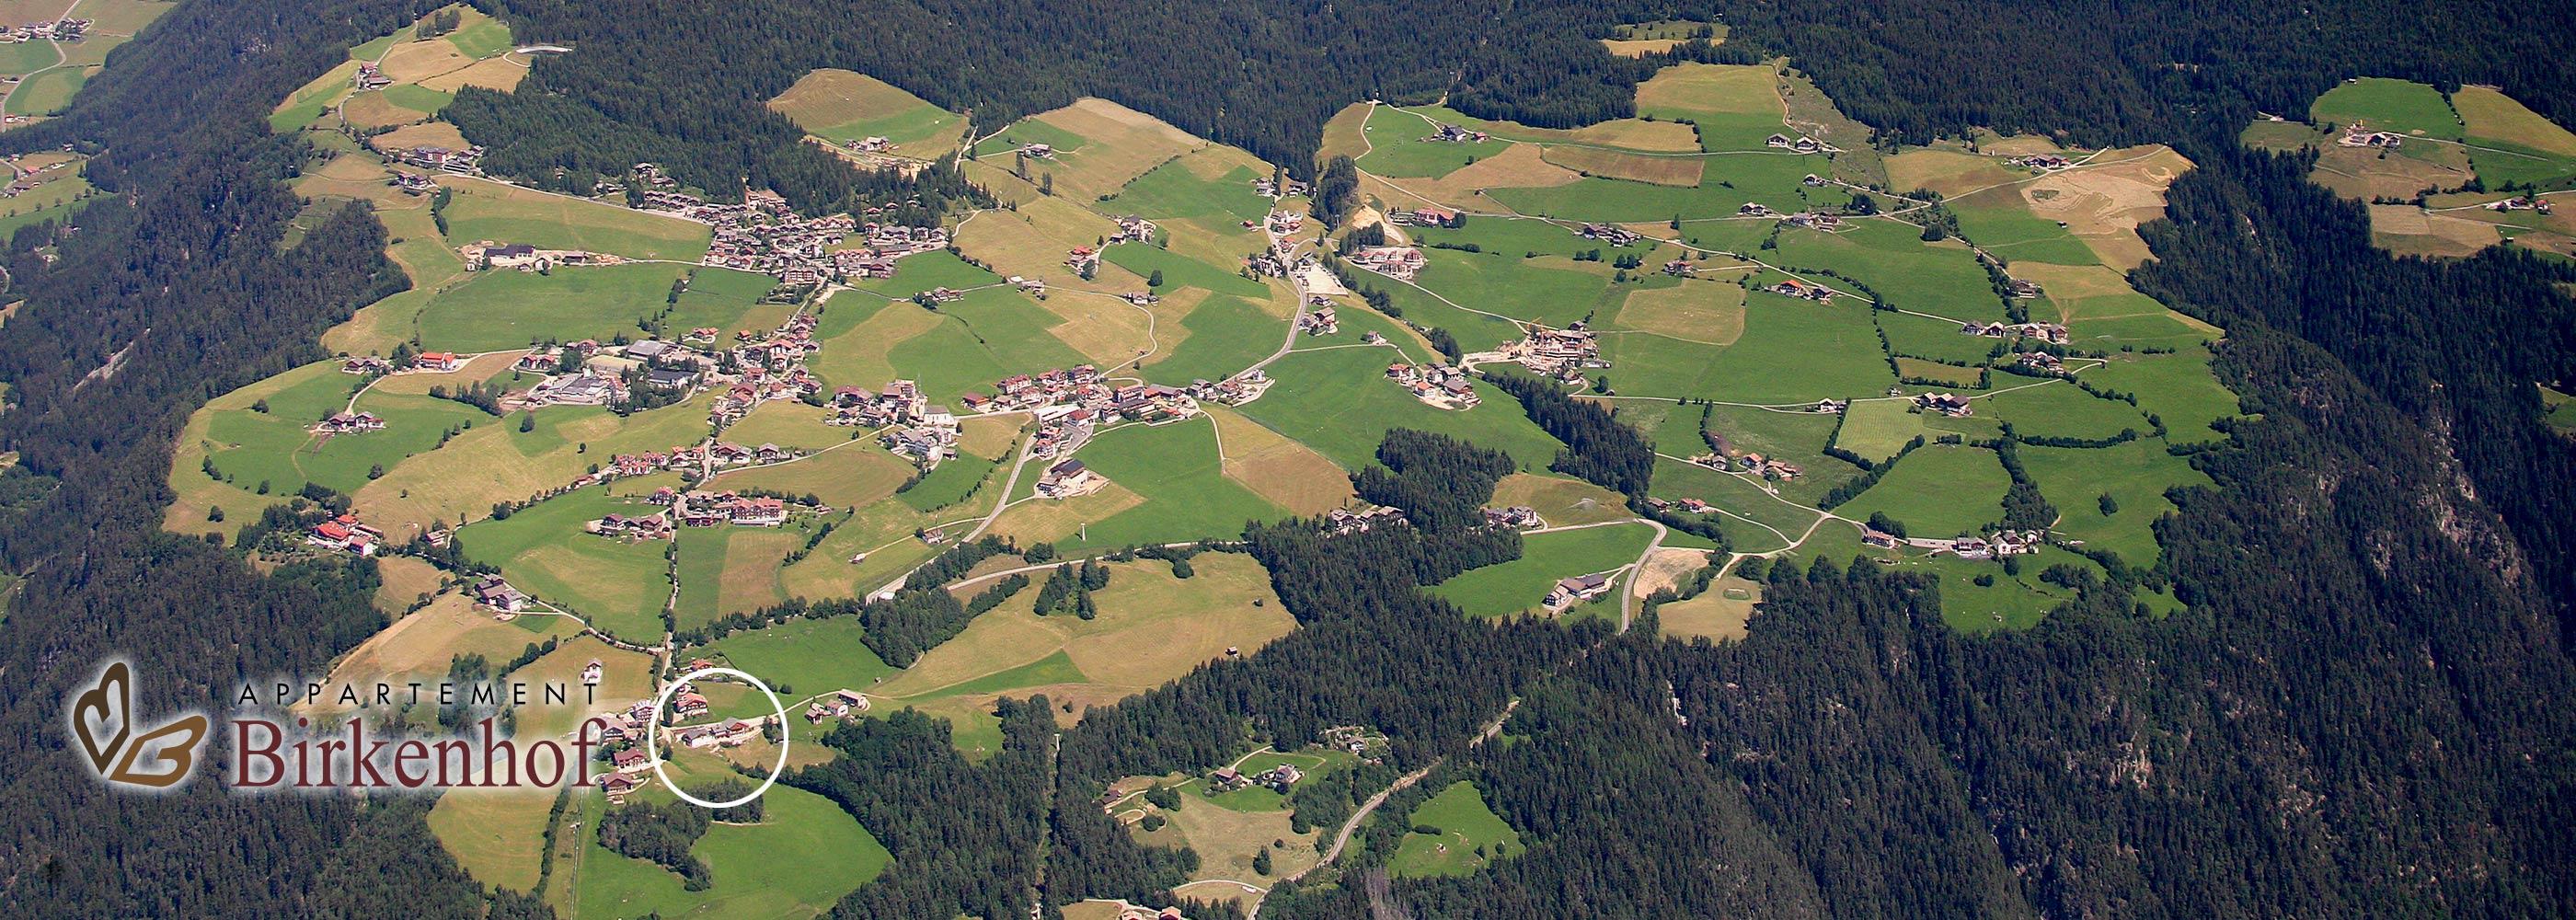 meransen-bauernhof-birkenhof-eisacktal-maso-maranza-valle-isarco-farm-south-tyrol